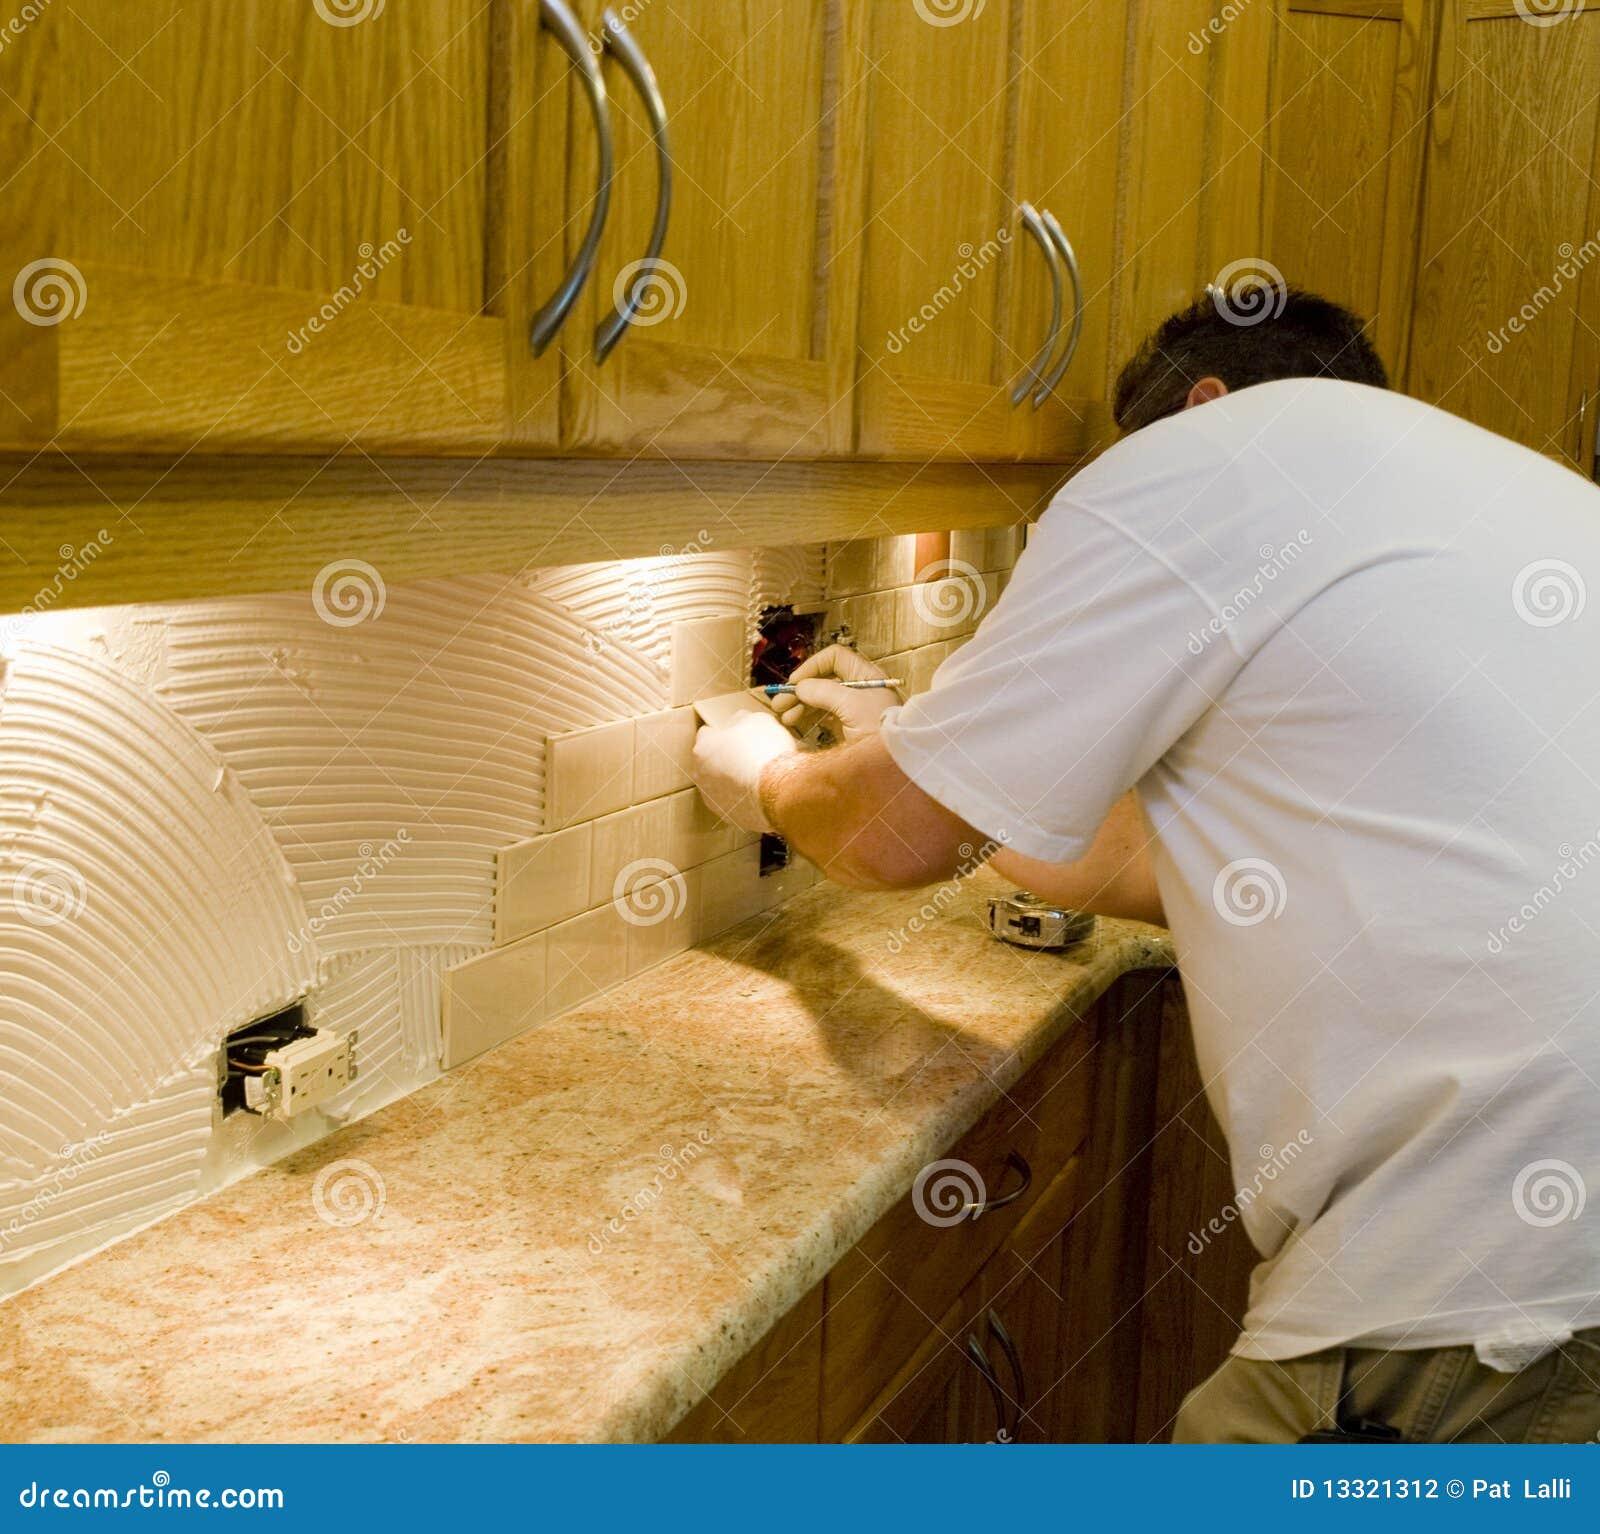 #6B490A  que faz uma instalação da telha cerâmica no backsplash da cozinha 1300x1263 px Projetos Da Instalação Da Cozinha_401 Imagens